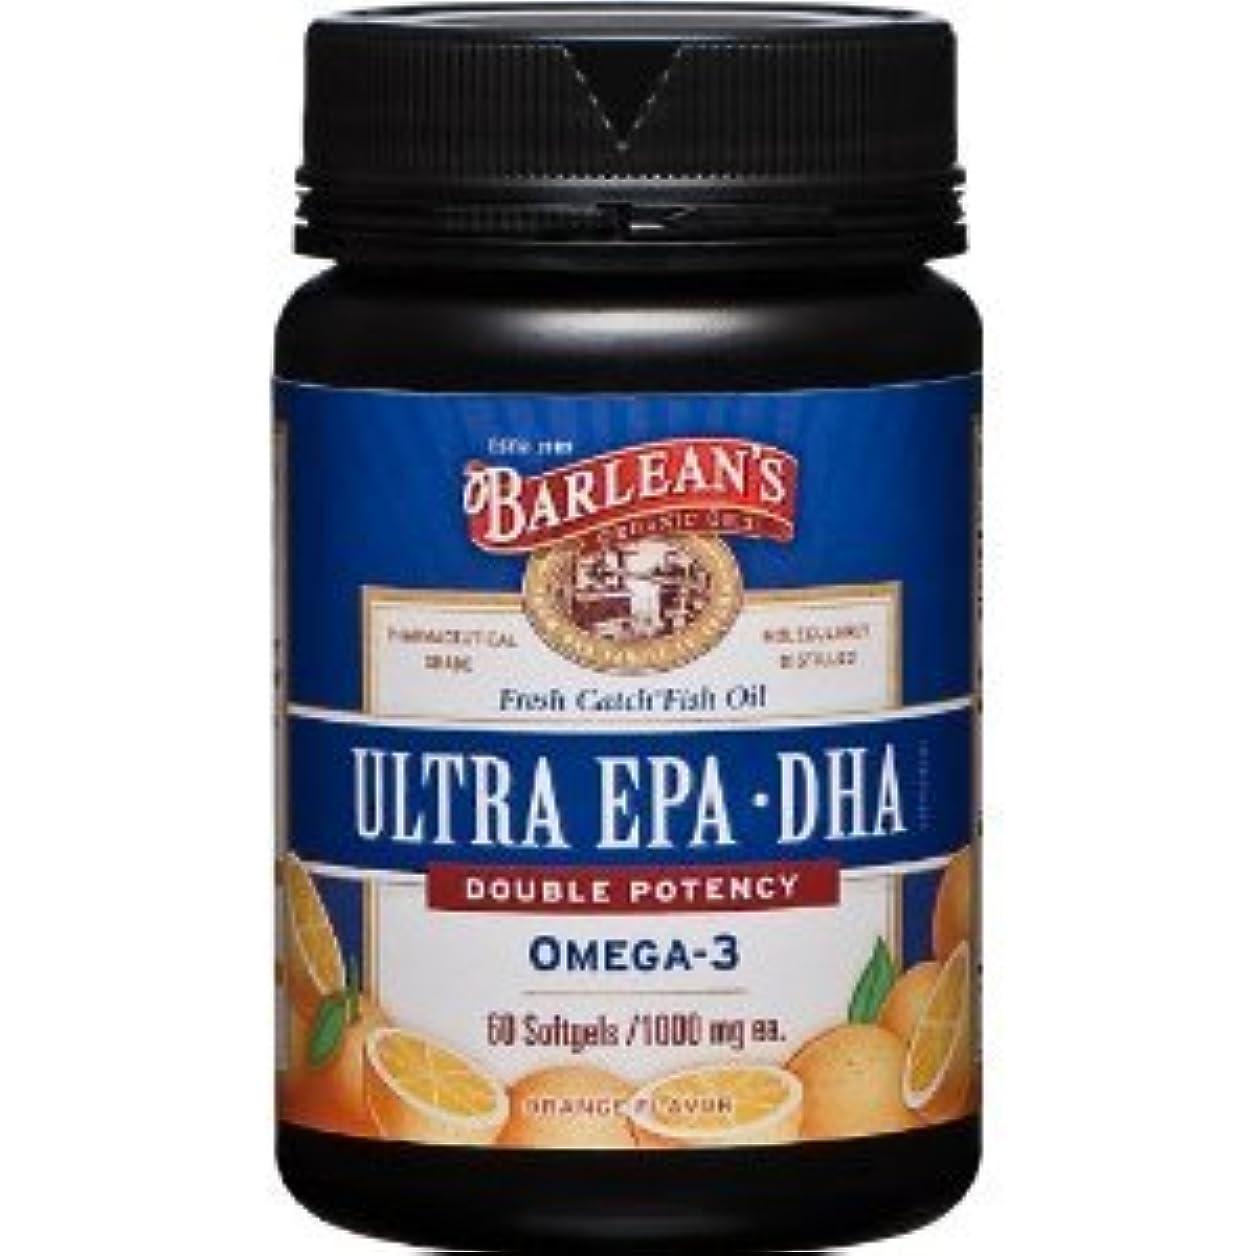 熟した物理学者華氏高濃度 (1000mg)  EPA DHA (オレンジフレーバー)-  60 Softgels (海外直送品)